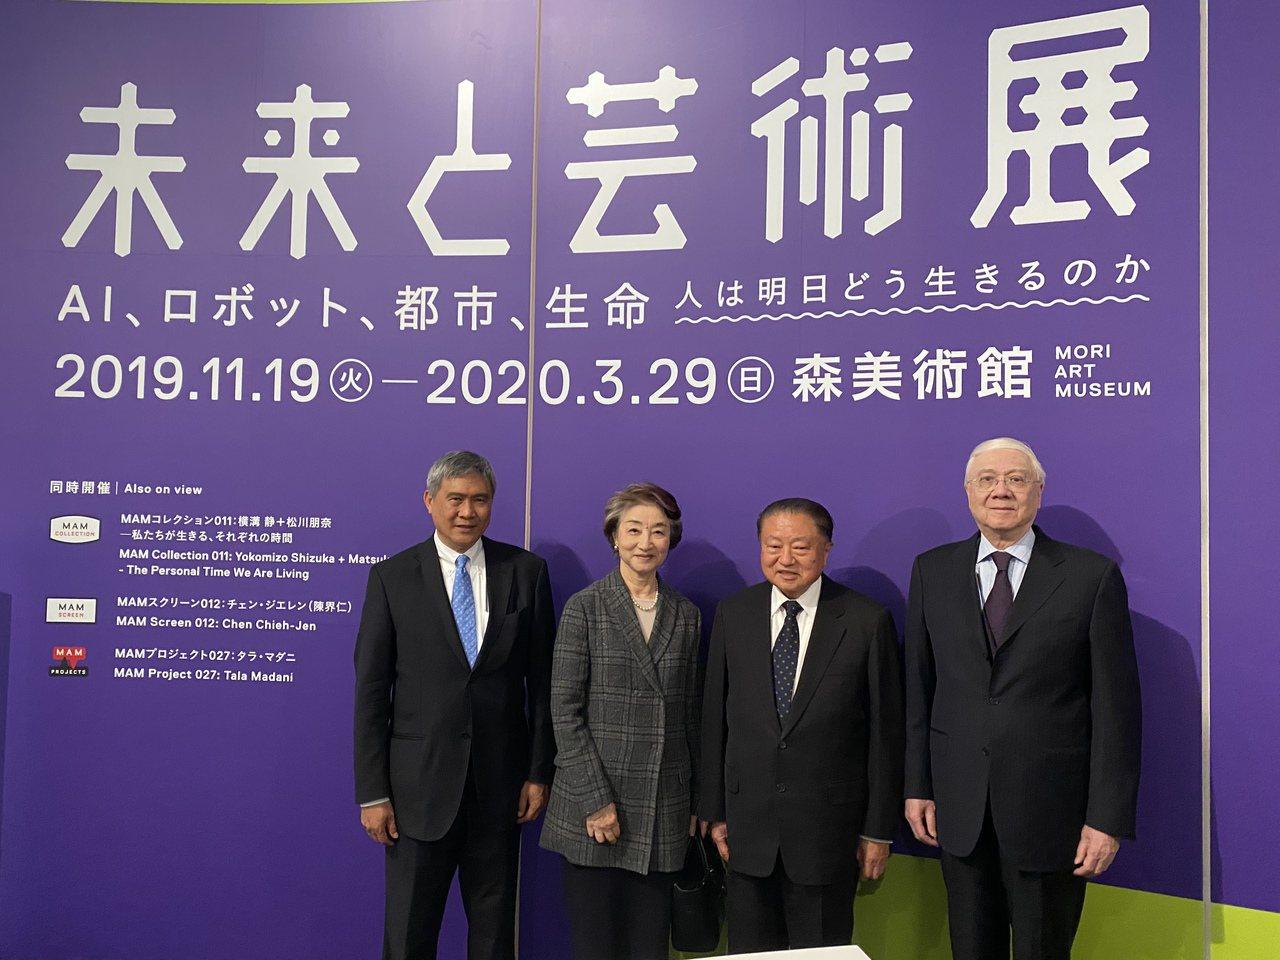 台達昨天在東京森大樓舉辦8K貴賓之夜,台達電子董事長海英俊(左起)、森美術館董事...